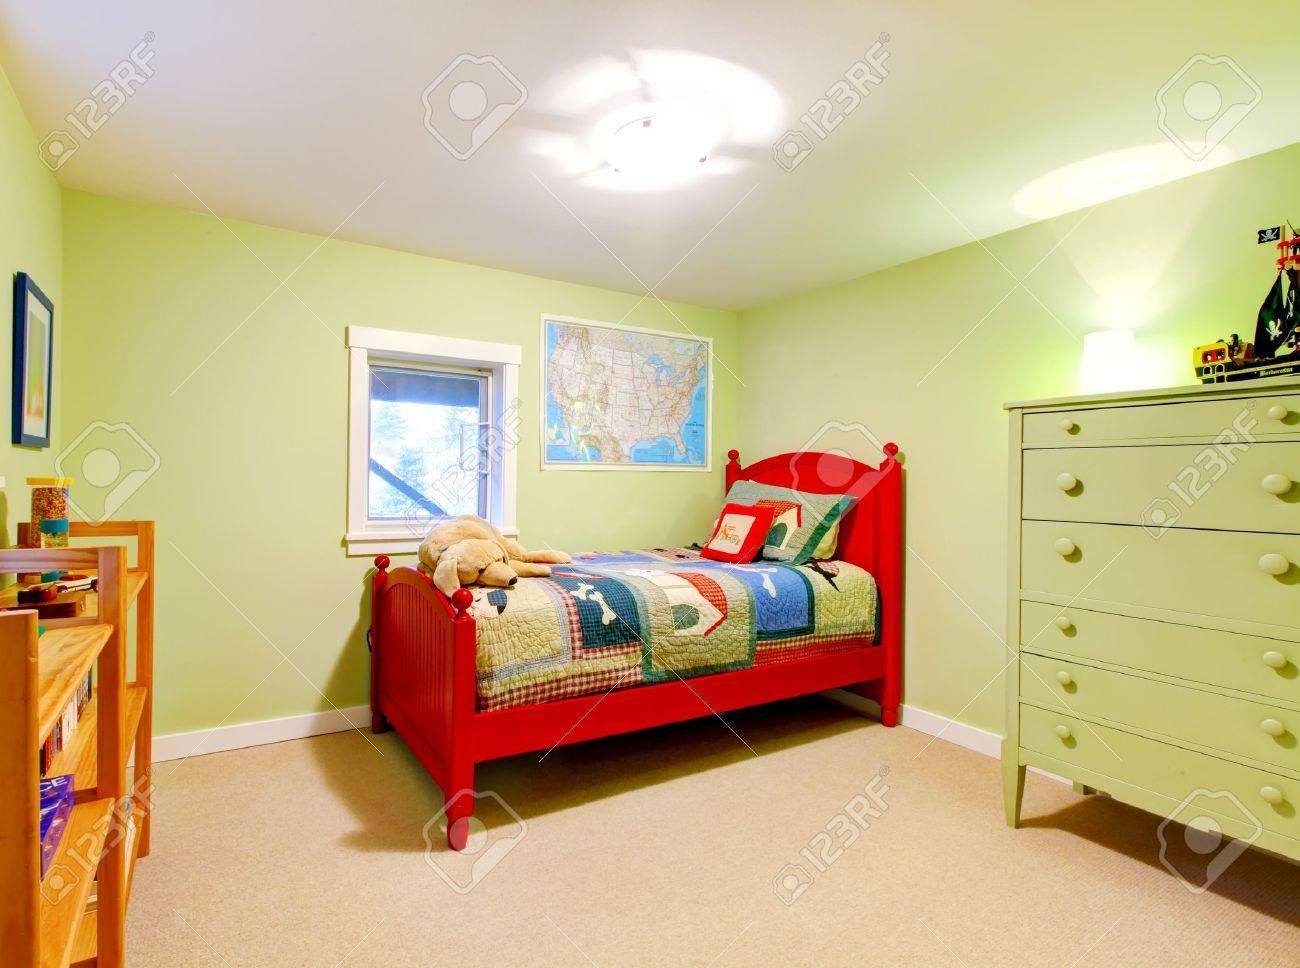 Partage Chambre Fille Garcon mignon chambre enfant garçon vert avec un lit rouge.